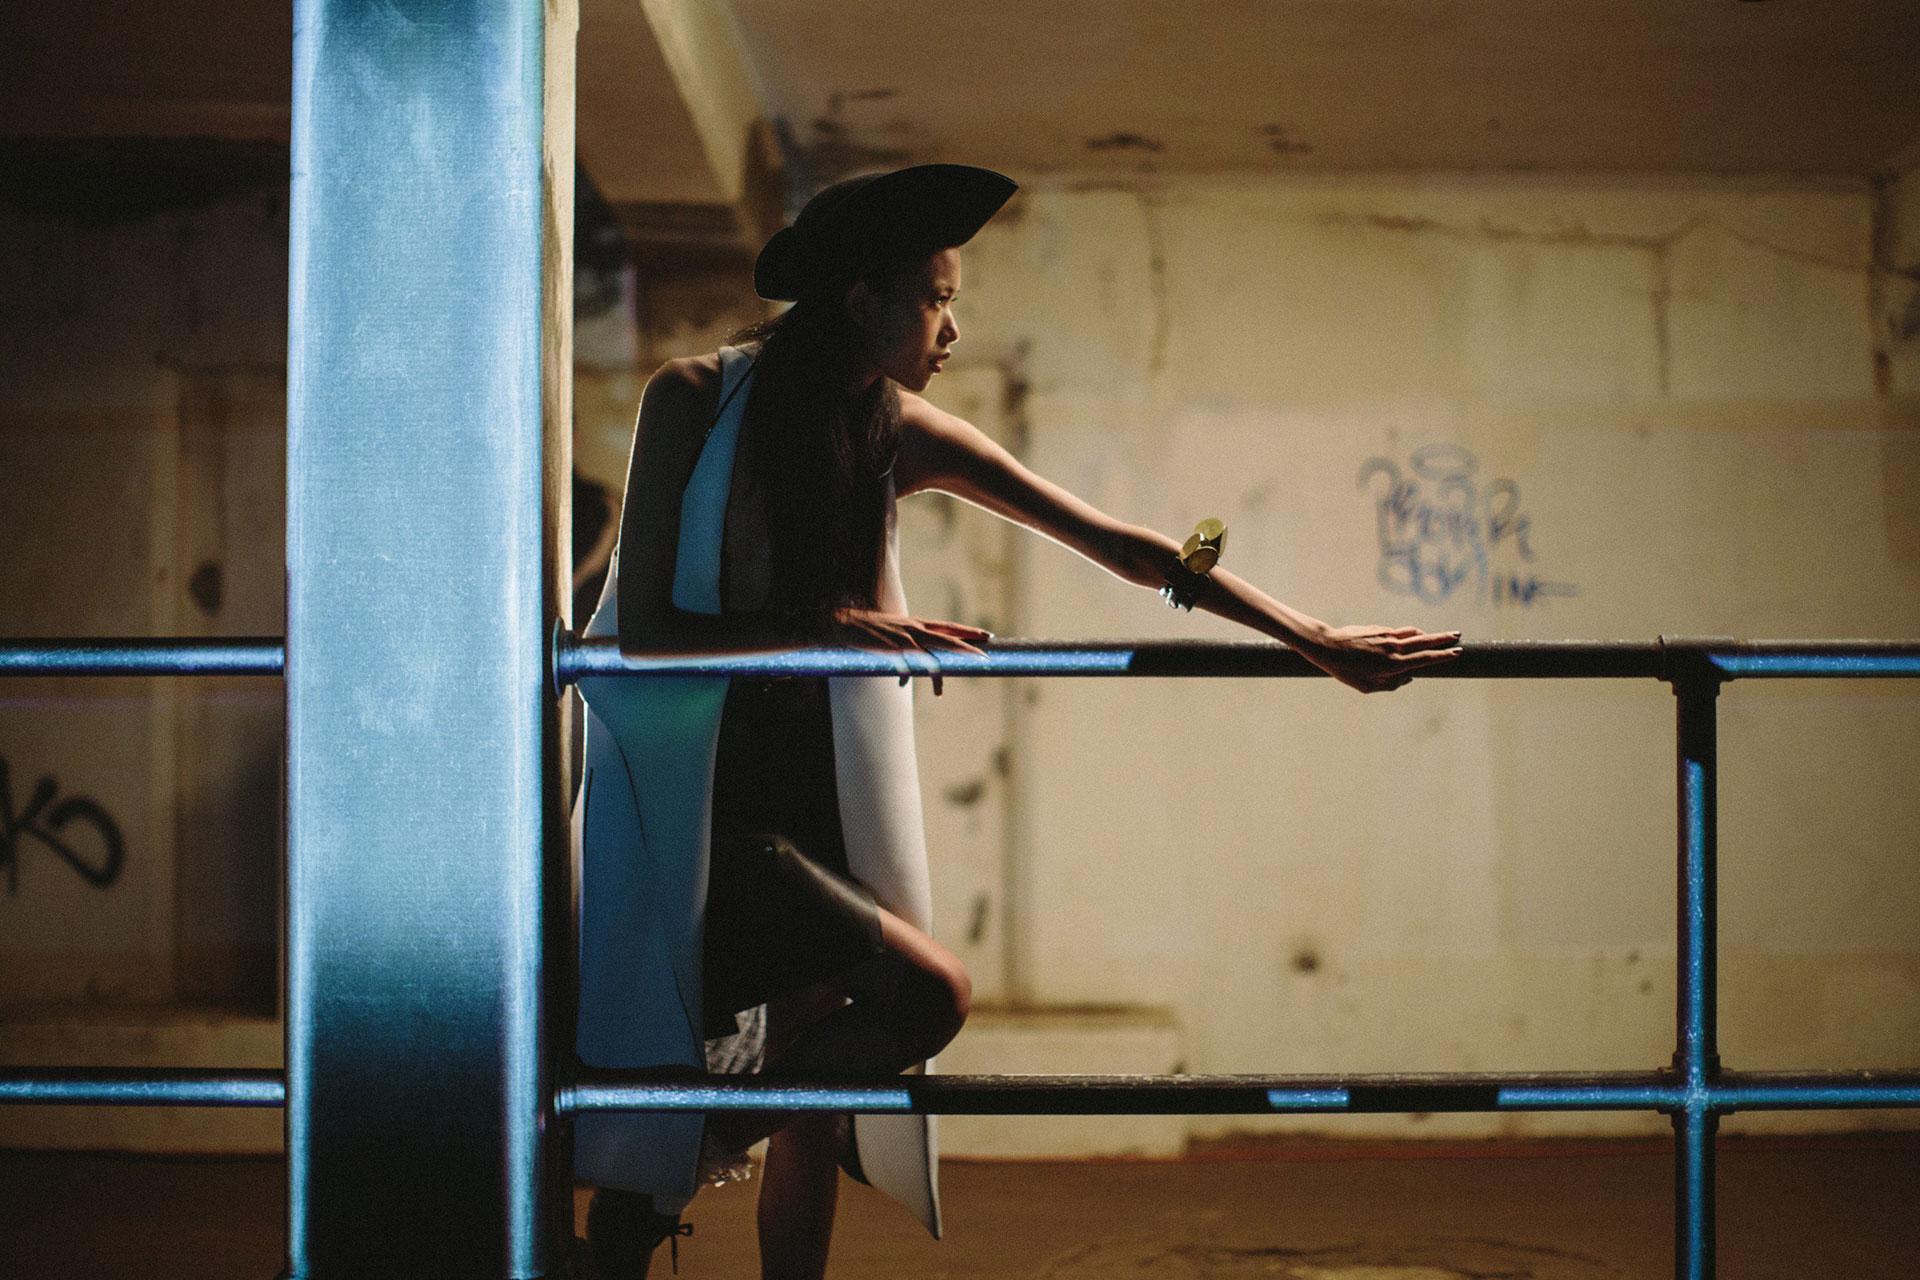 projects-SuitcaseMagazine-photo26